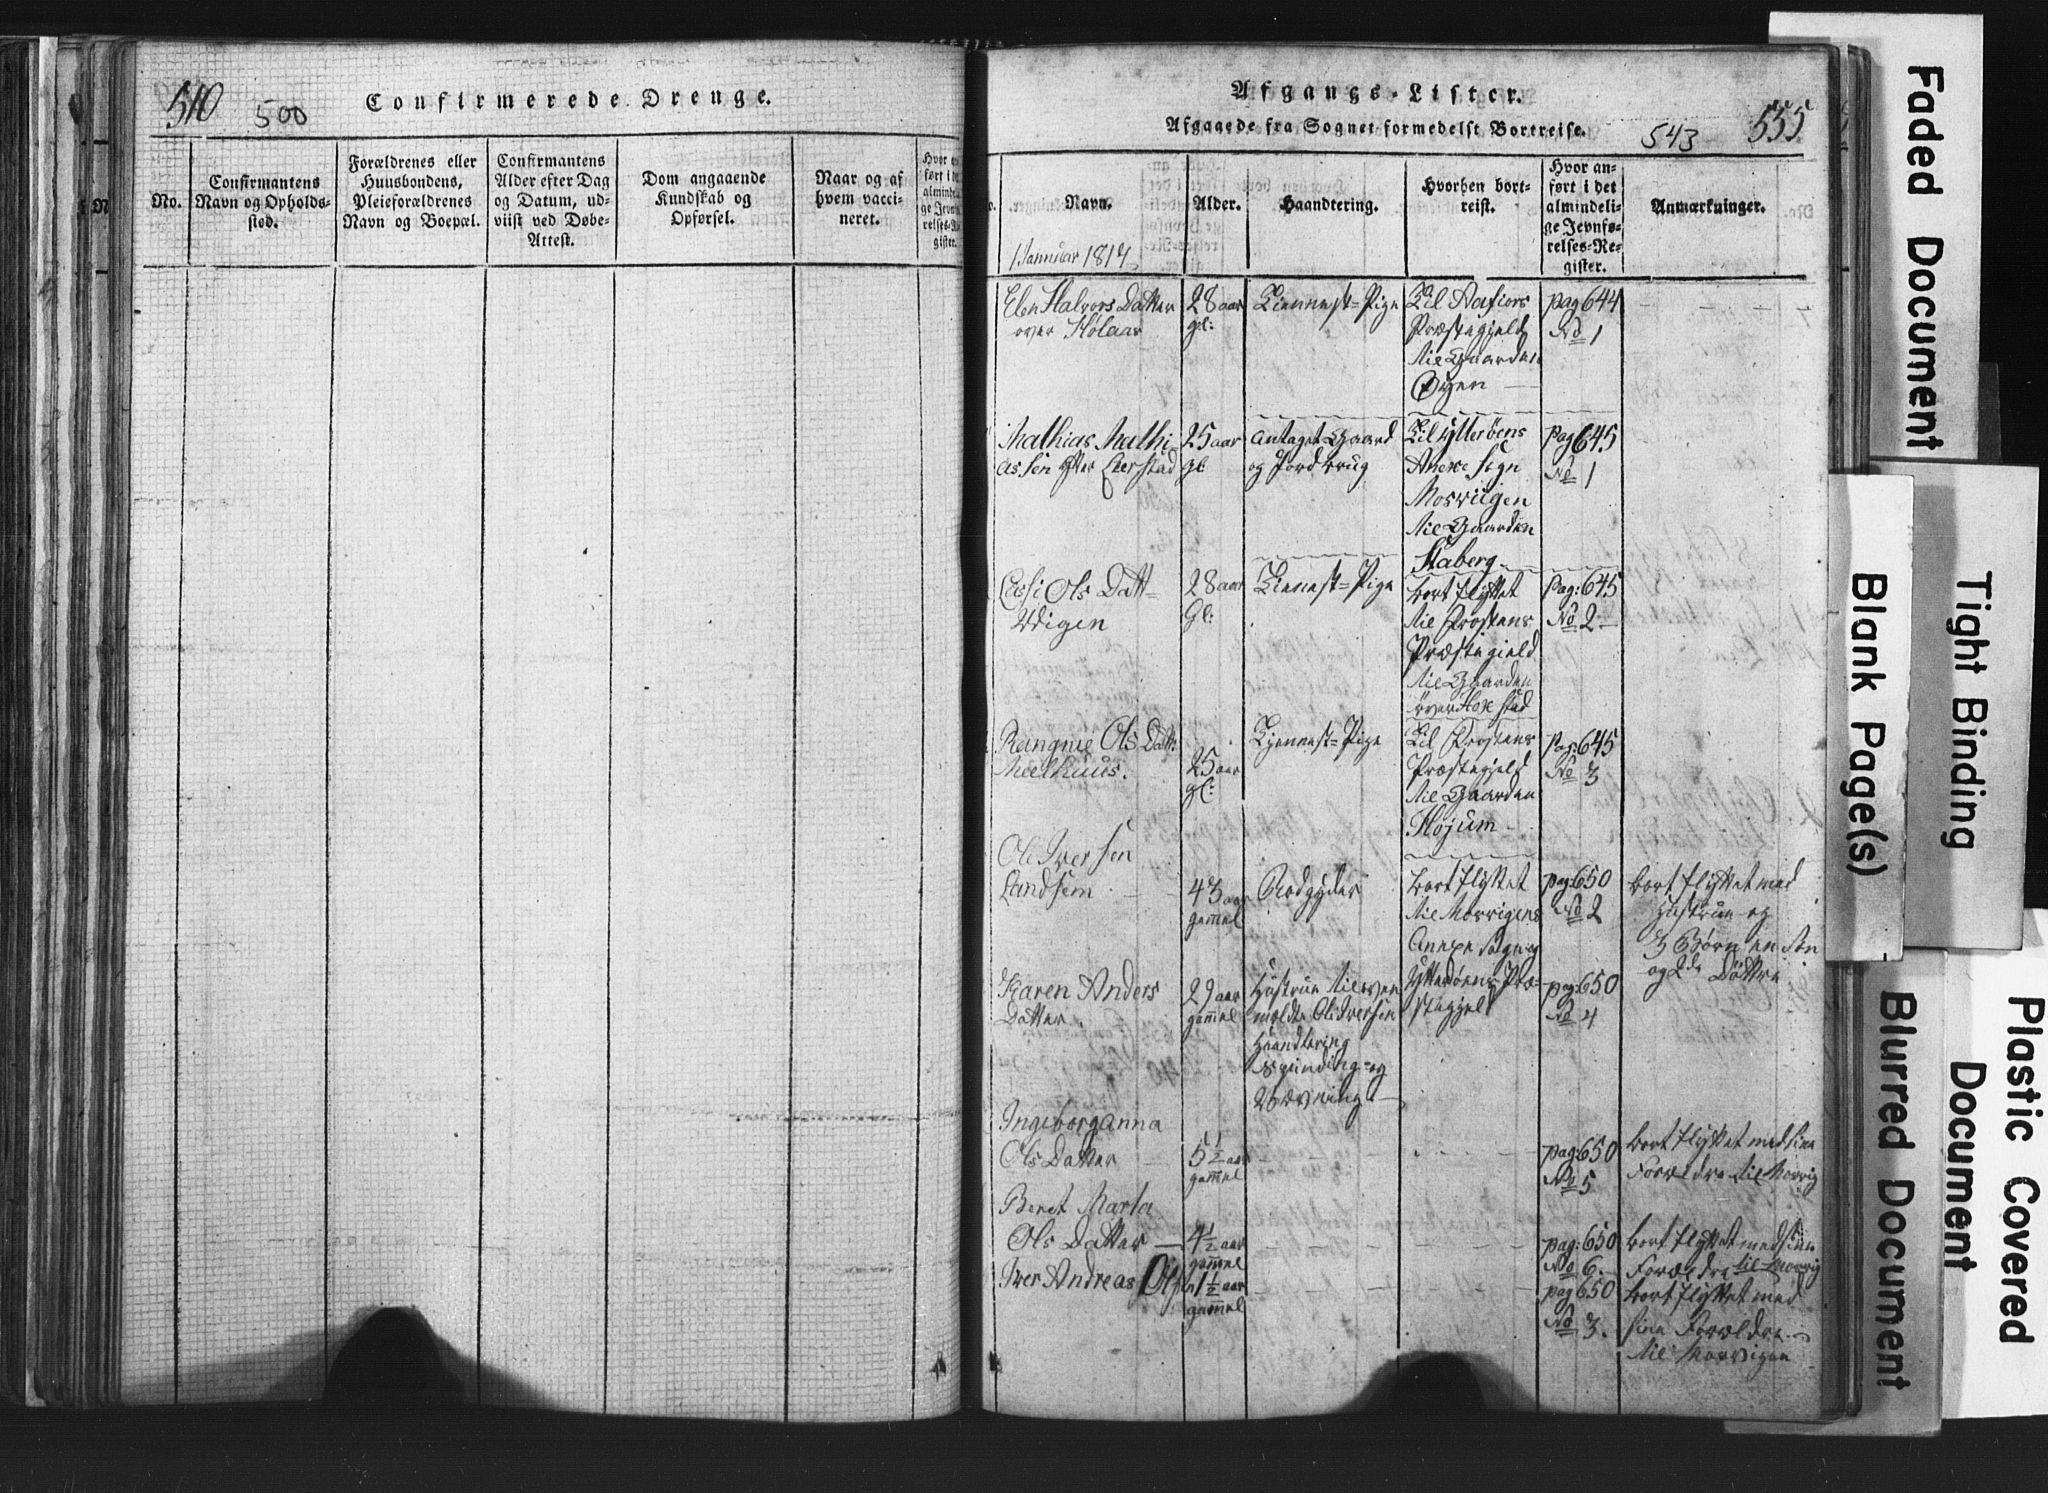 SAT, Ministerialprotokoller, klokkerbøker og fødselsregistre - Nord-Trøndelag, 701/L0017: Klokkerbok nr. 701C01, 1817-1825, s. 542-543